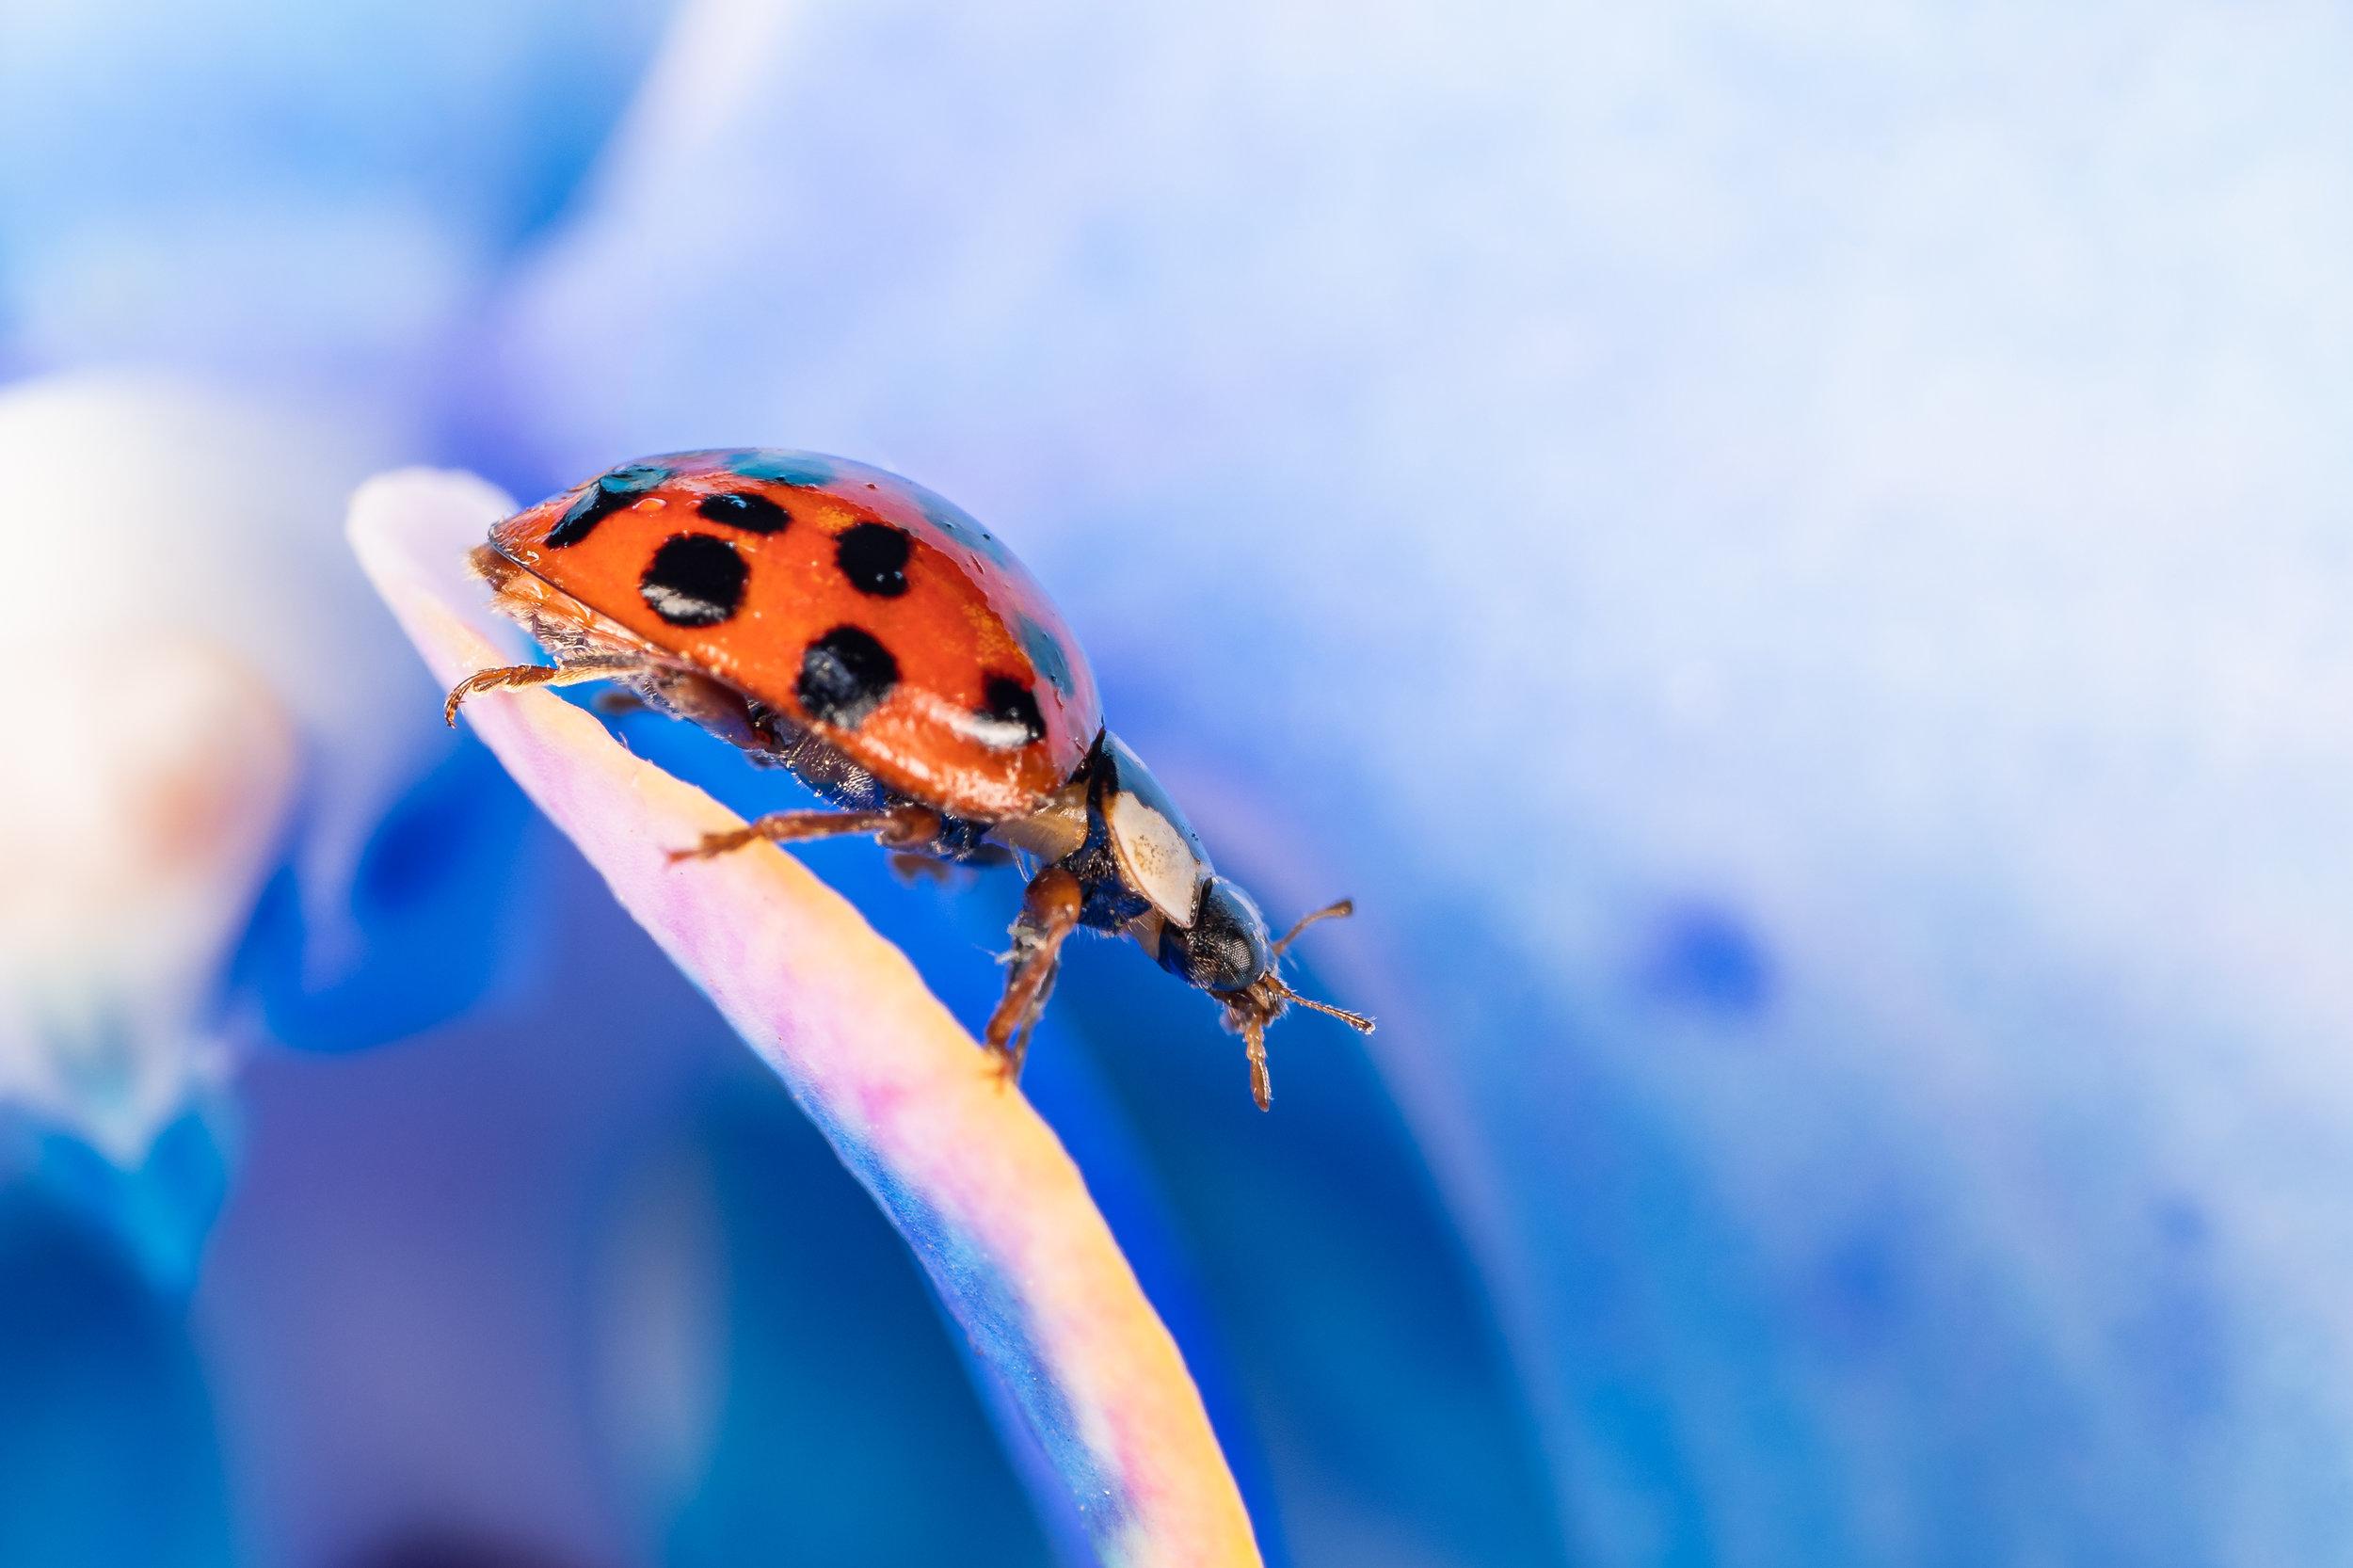 Ladybird beetle lady bug